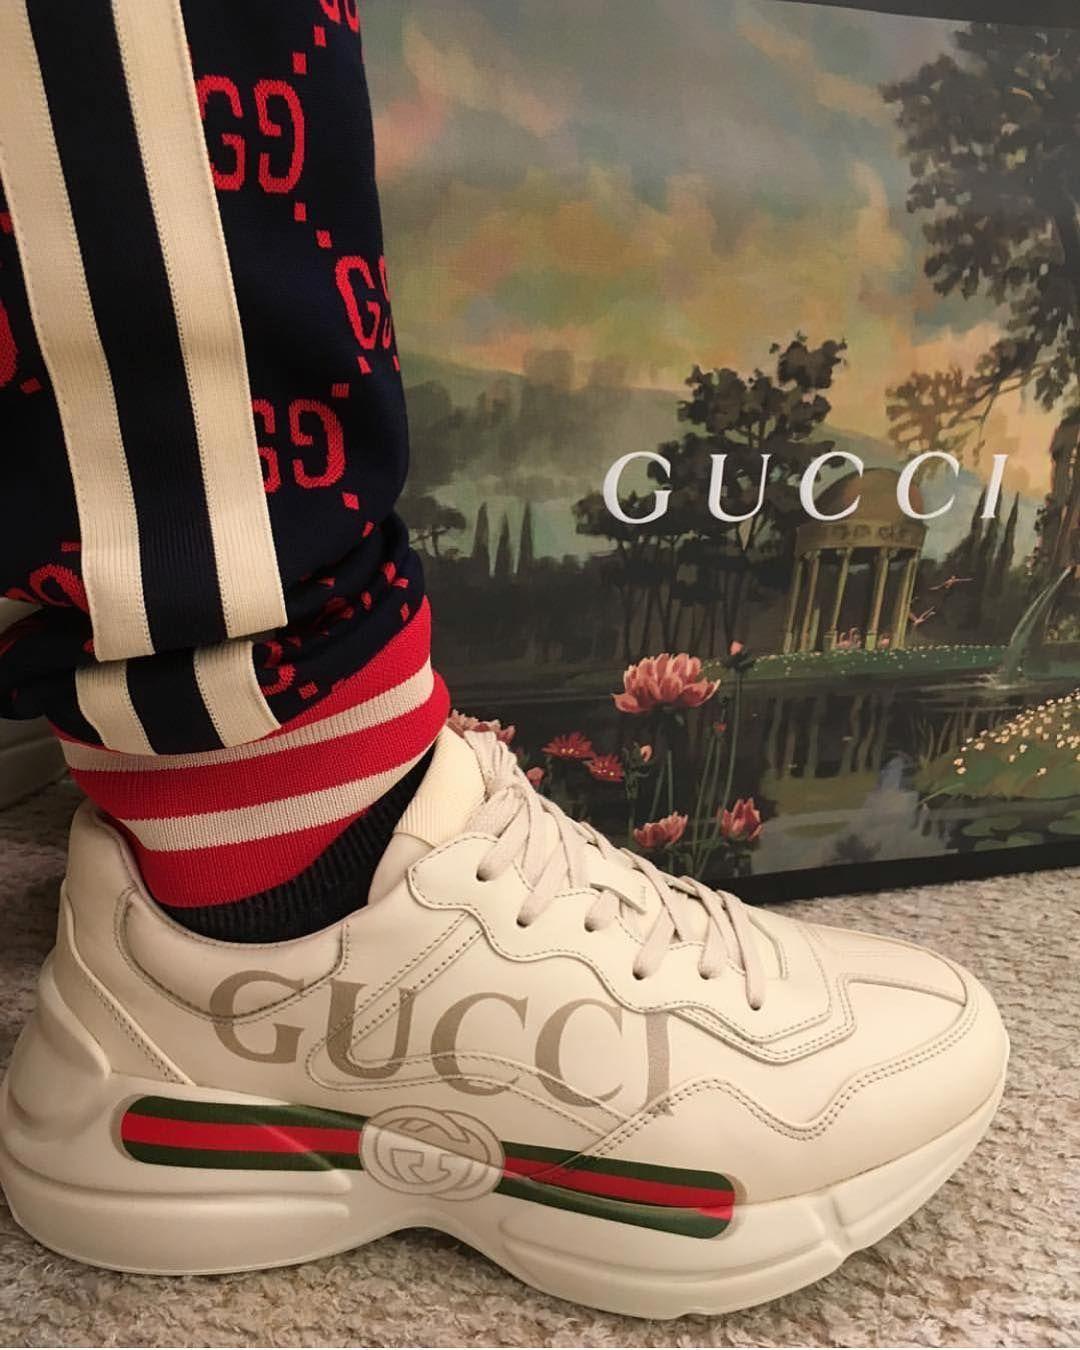 Gorgeous Gucci Sneaker Pants By Aattzzcc Guccisneakers Guccipants Sneakers Gucci Shoes Leather Shoes Woman